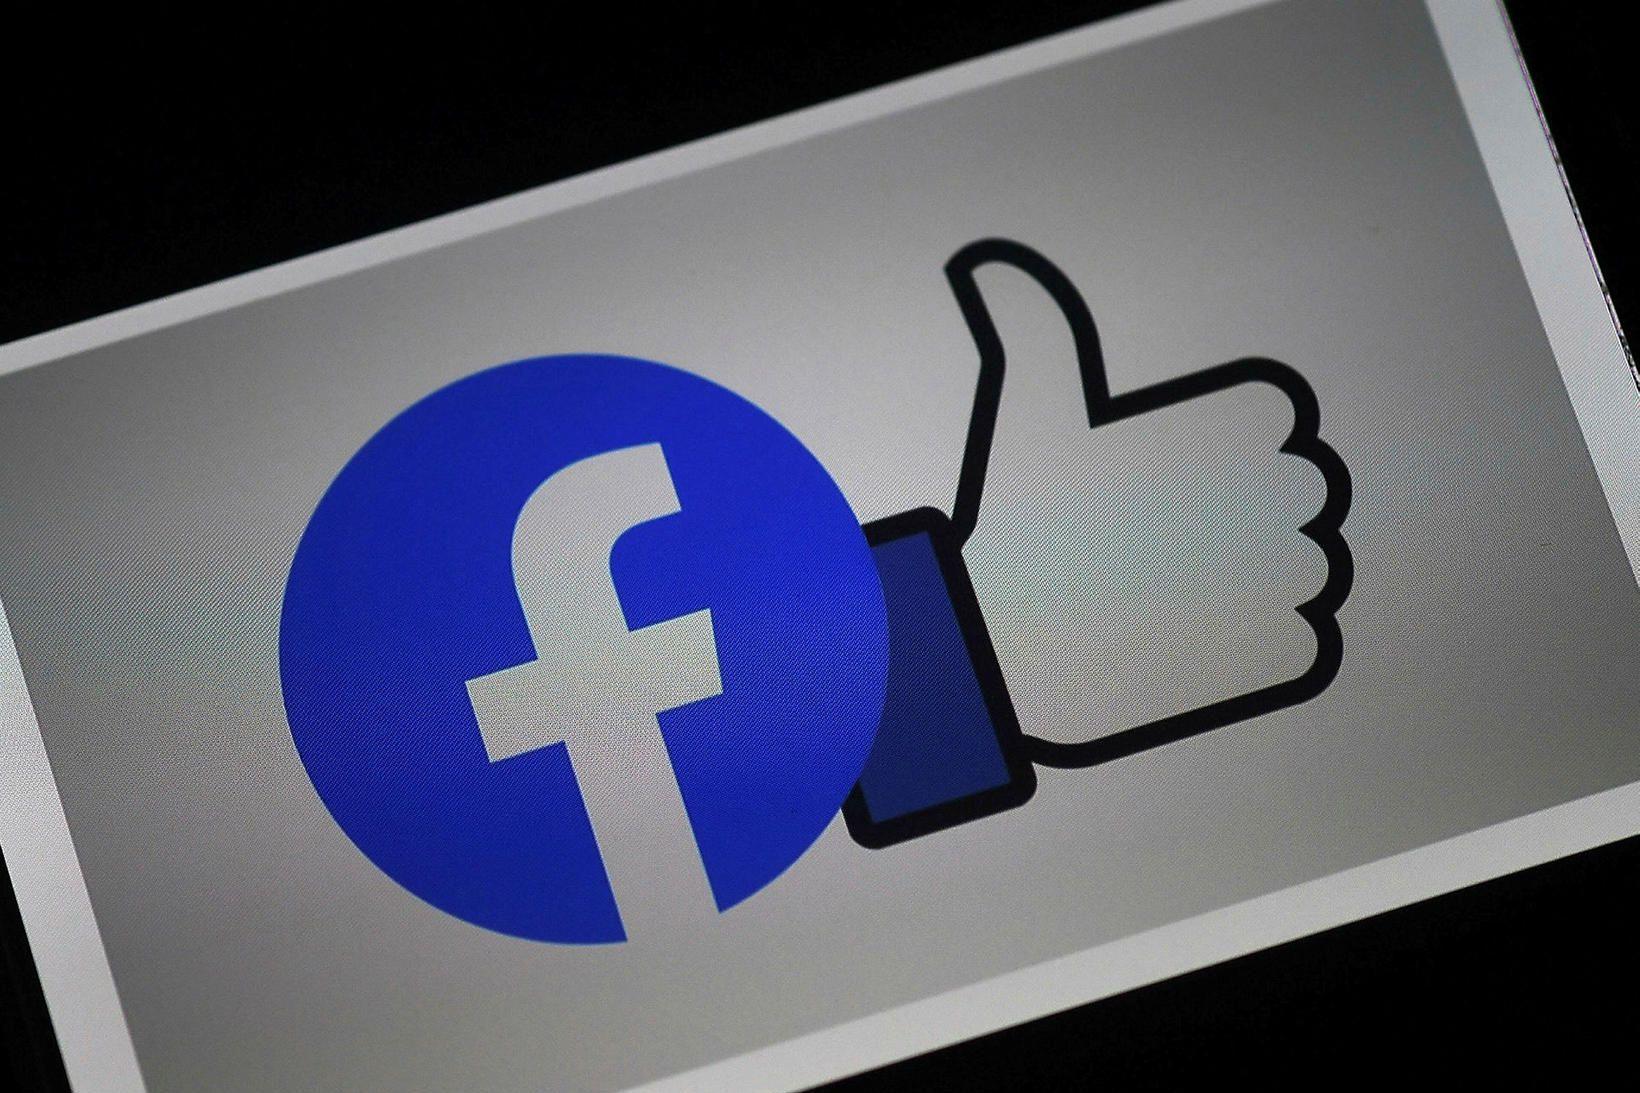 Facebook hefur látið af háttseminni nema fá samþykki notenda fyrst.